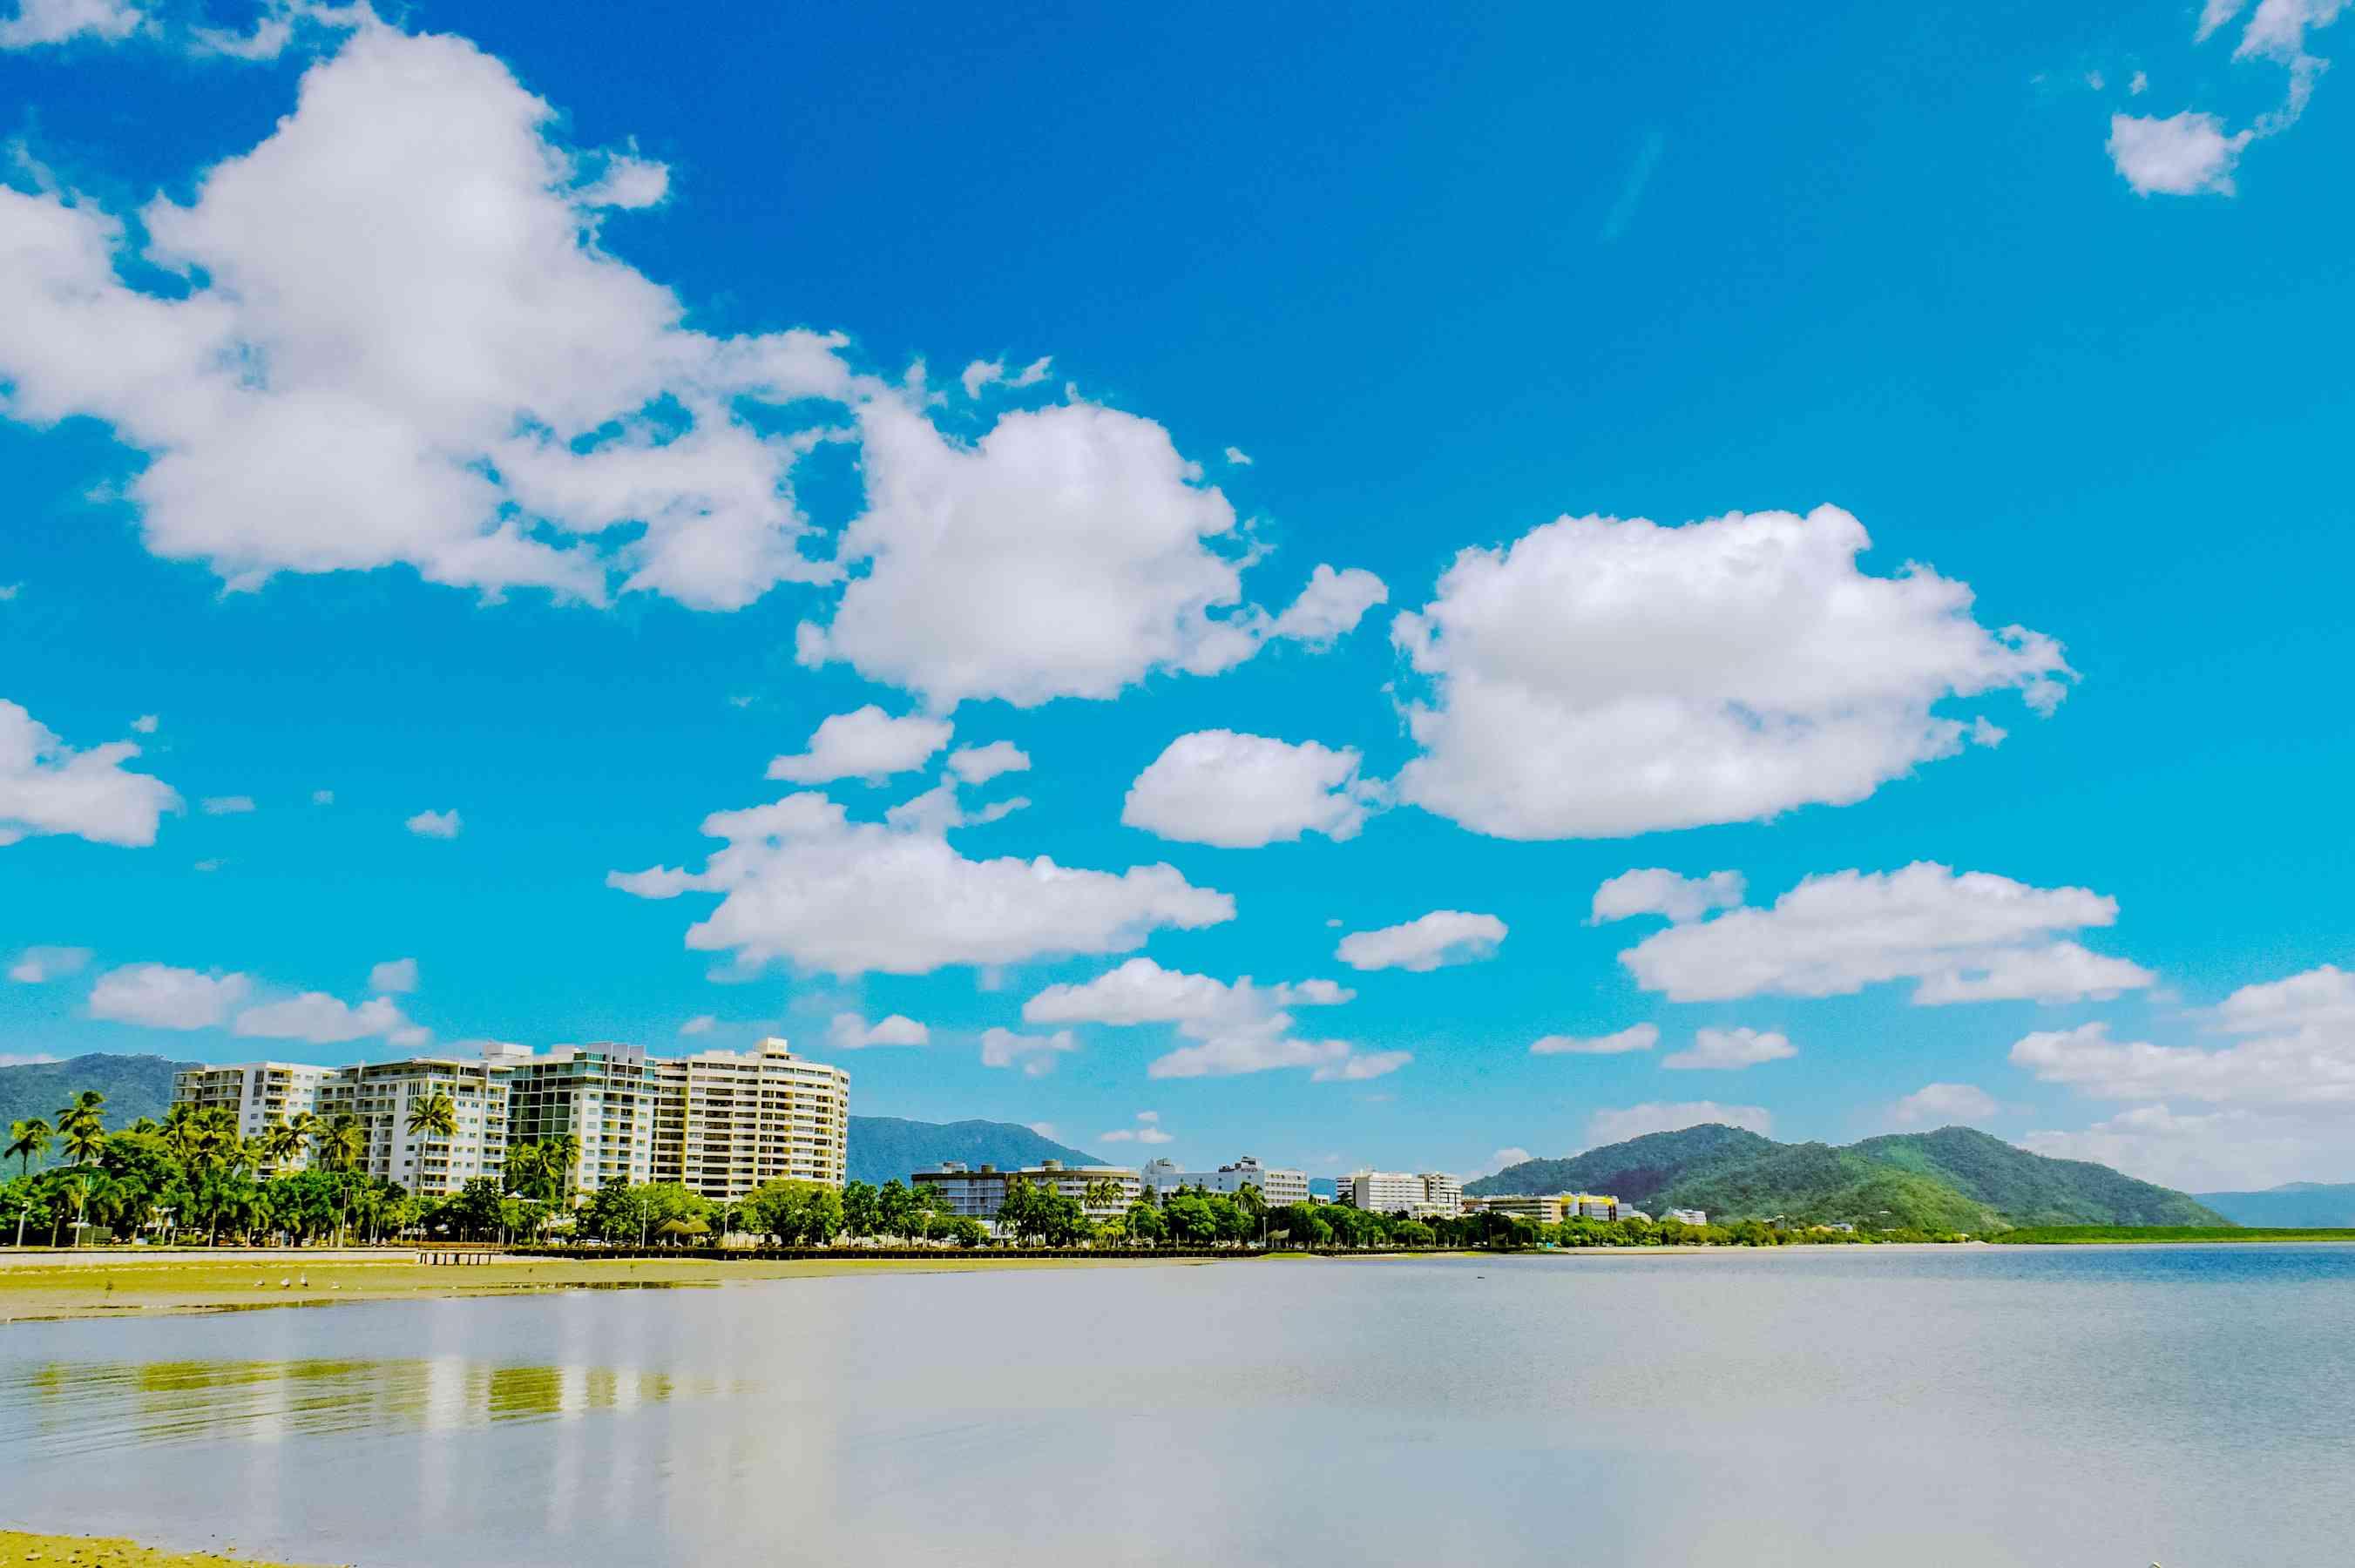 Vista de la playa con rascacielos y montañas sin el fondo de un cielo azul con nubes